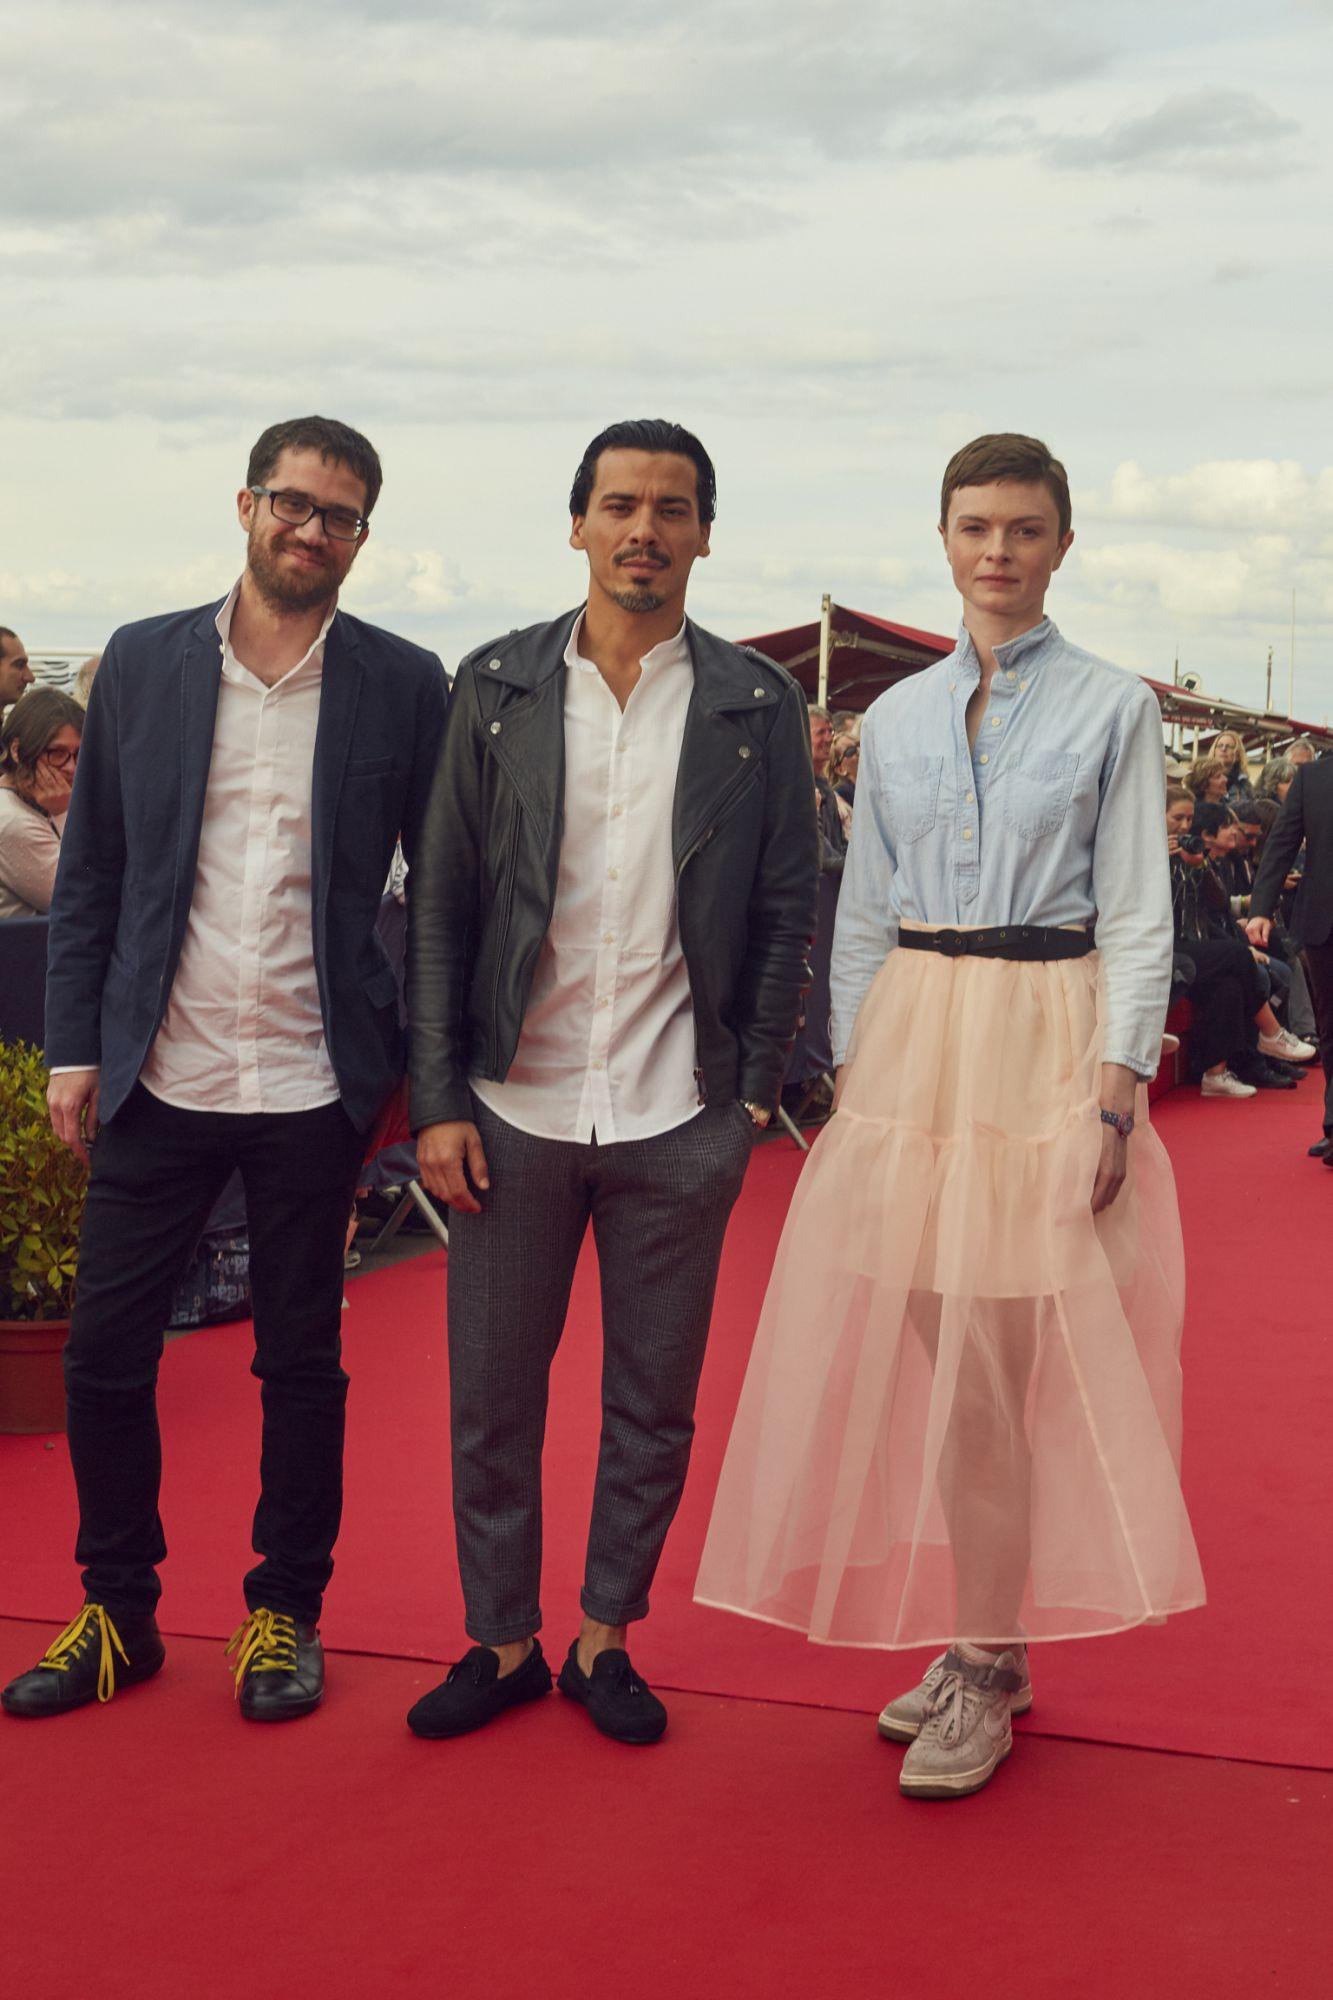 Jonathan Desoindre (réalisateur), Ella Kowalska (réalisatrice) et Tewfik Jallab (acteur)  Maquillage : Dr. Hauschka Coiffure : Franck Provost Chemise : Bourrienne Paris X